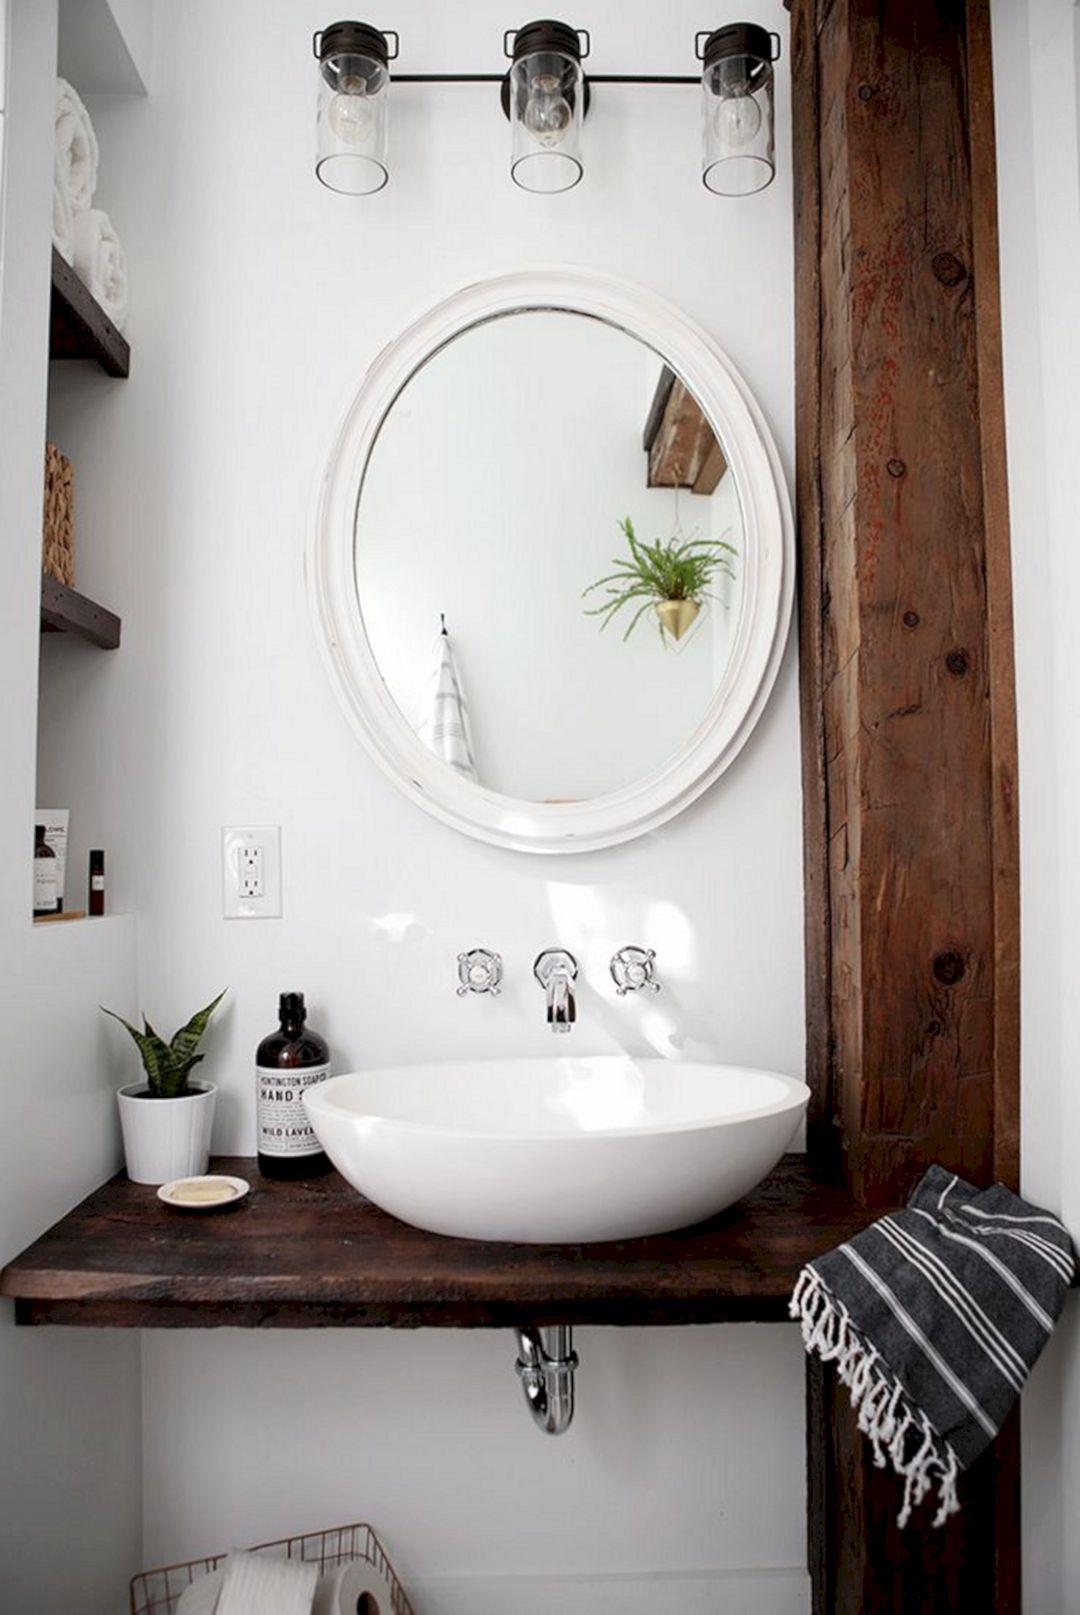 Small Bathroom Flat Sink Ideas 22